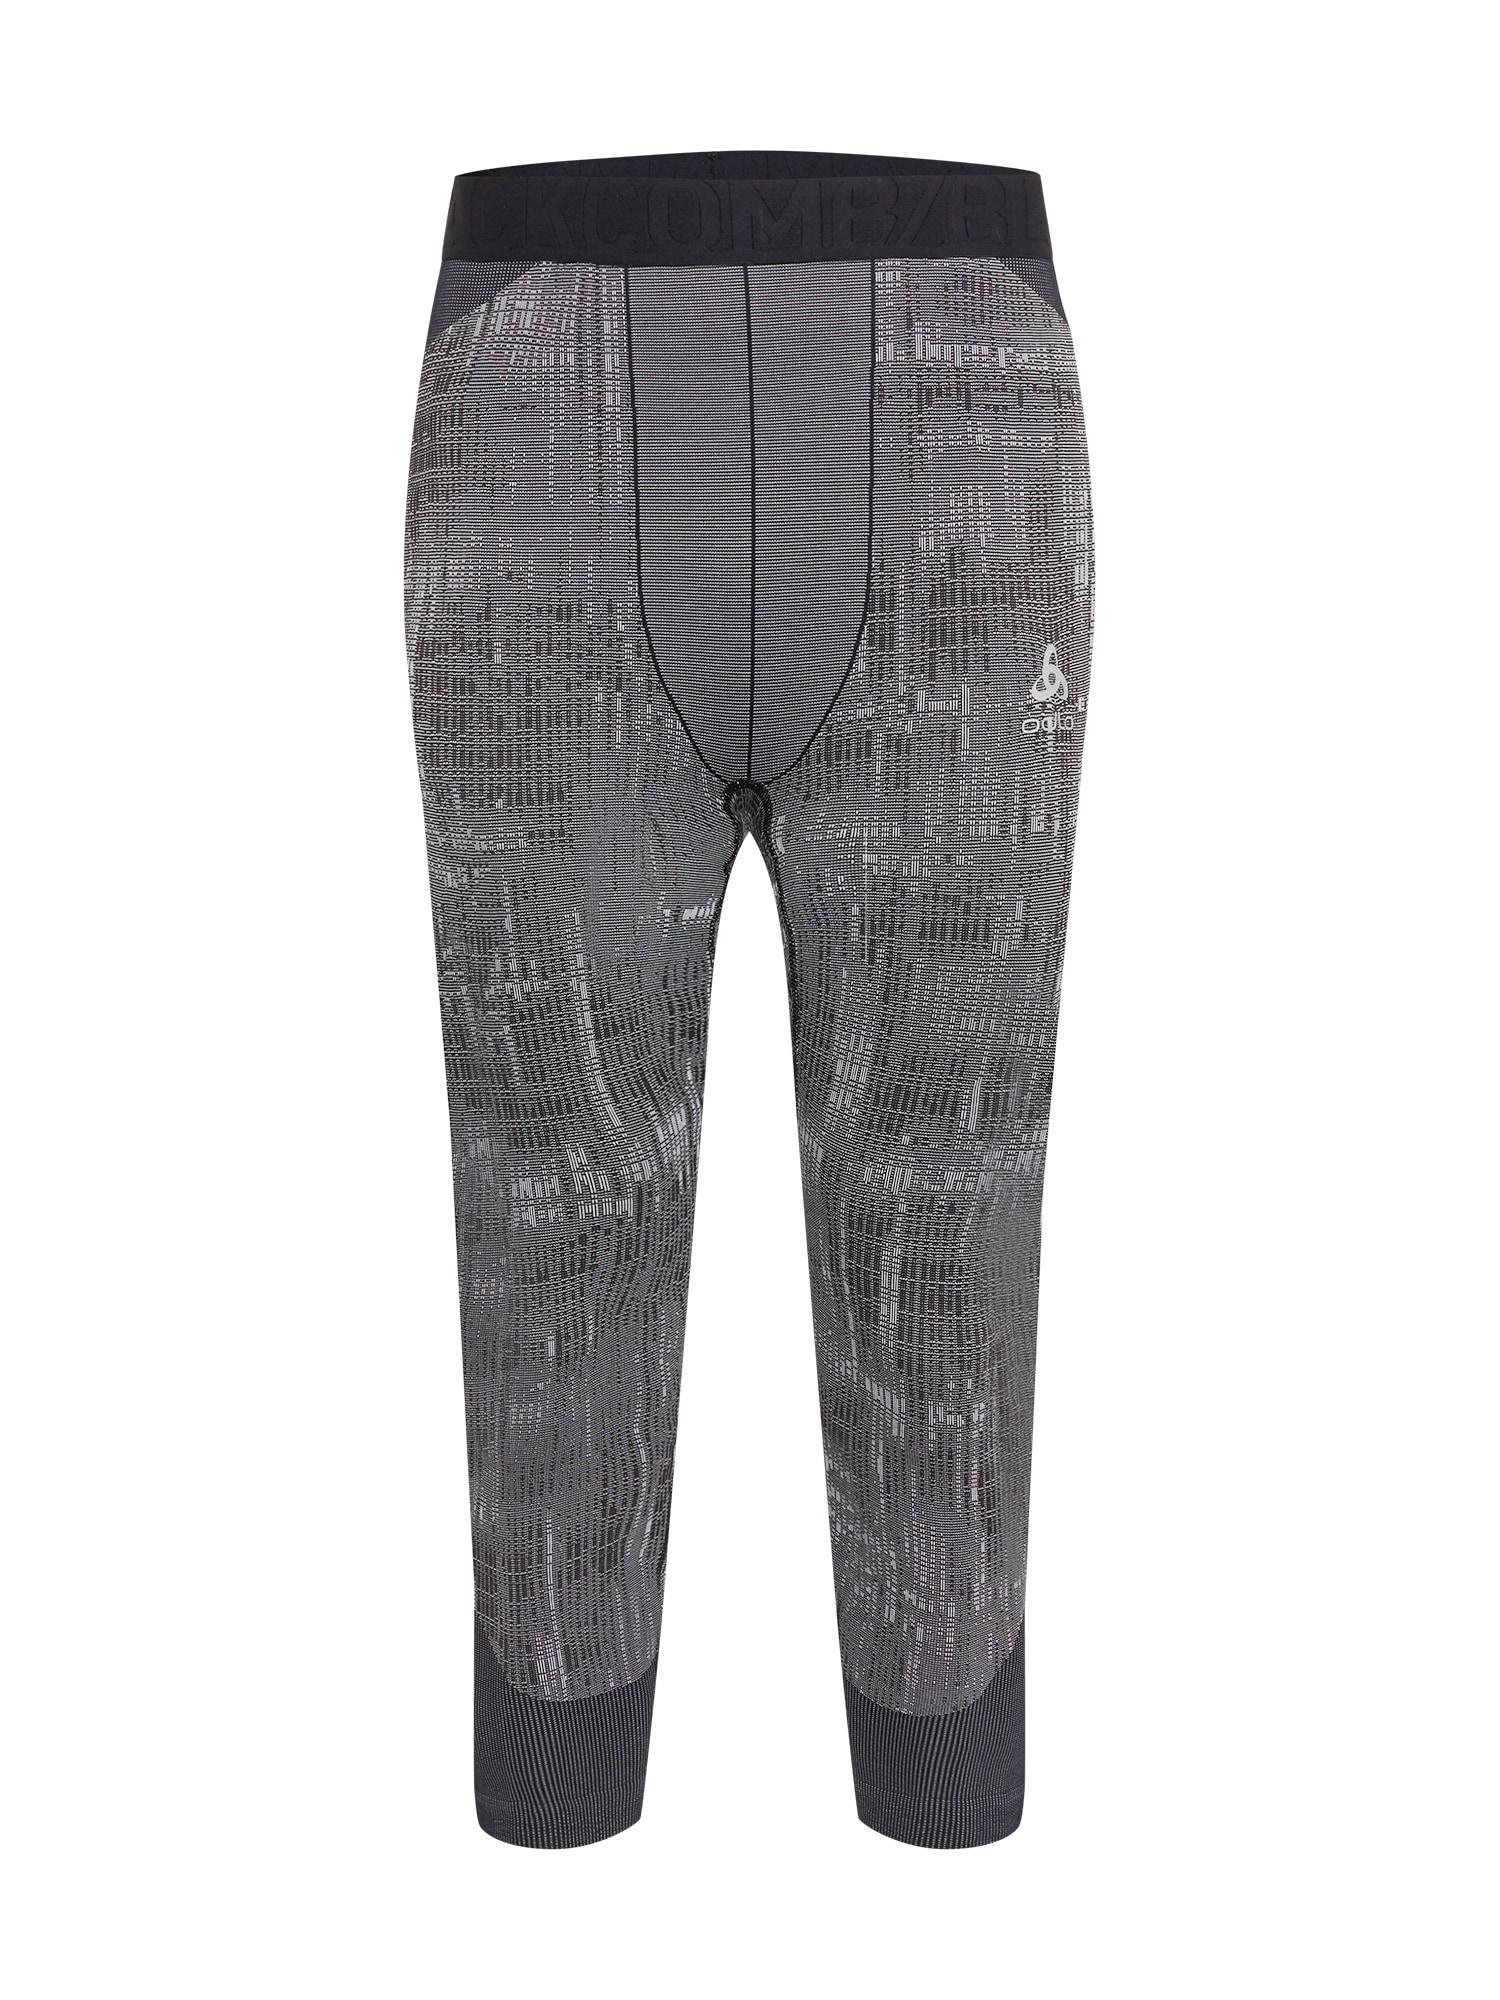 ODLO Sportinės kelnės juoda / pilka